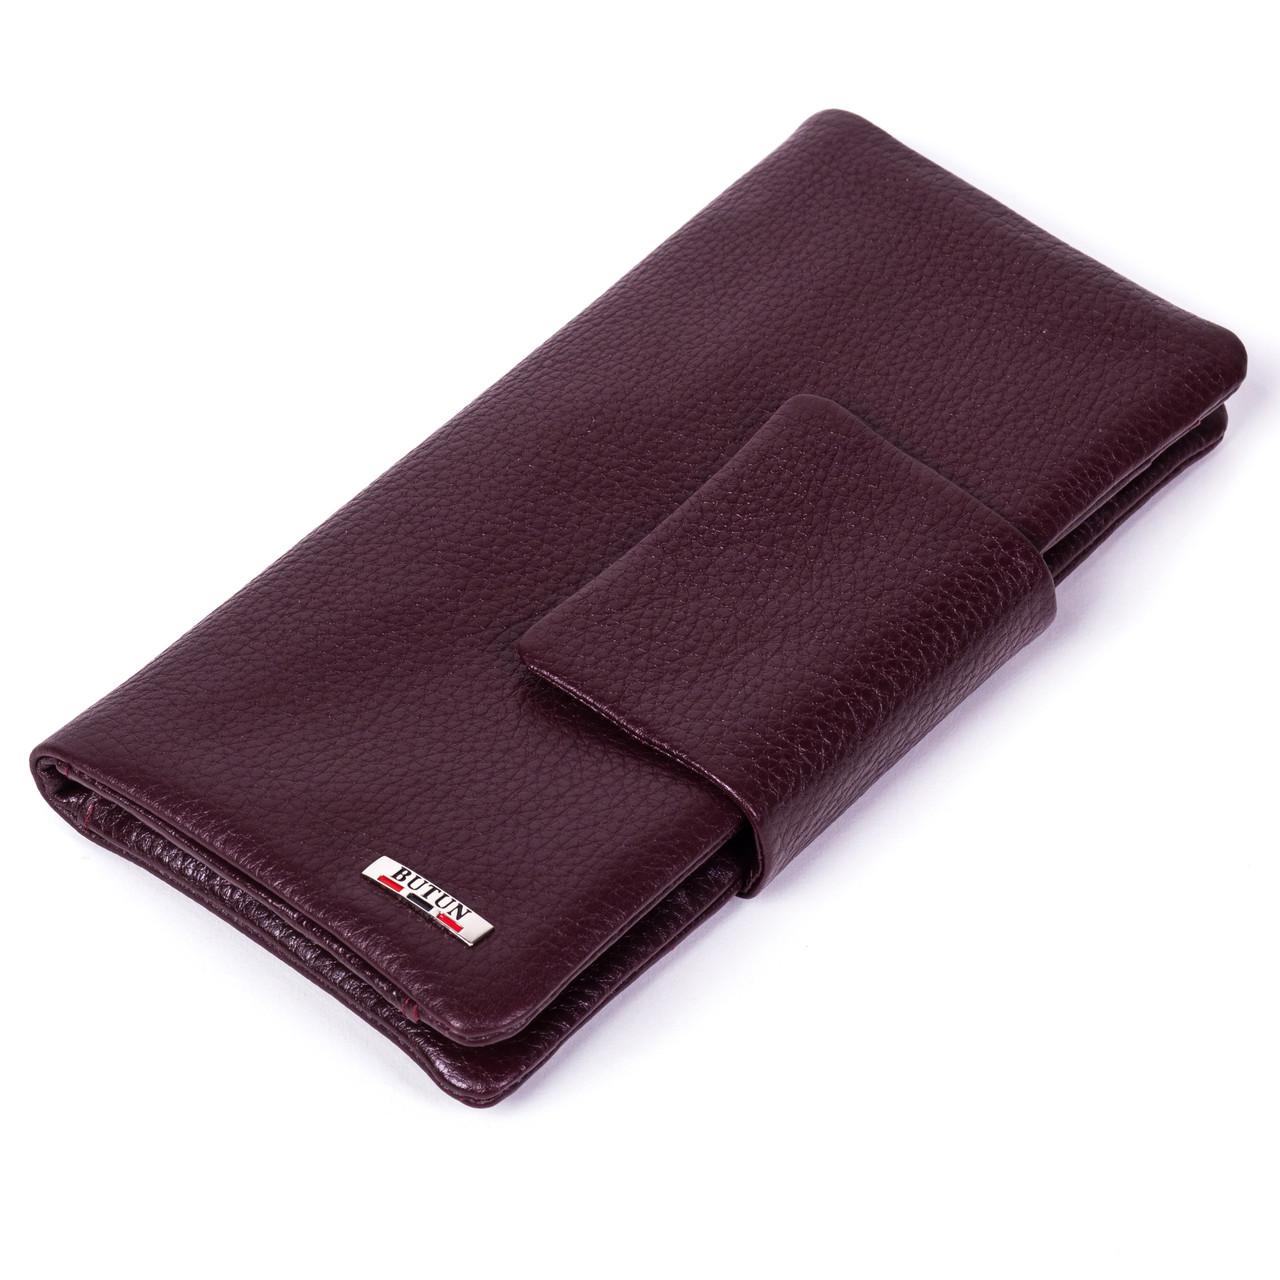 Женский кошелек клатч Butun 638-004-002 кожаный бордовый